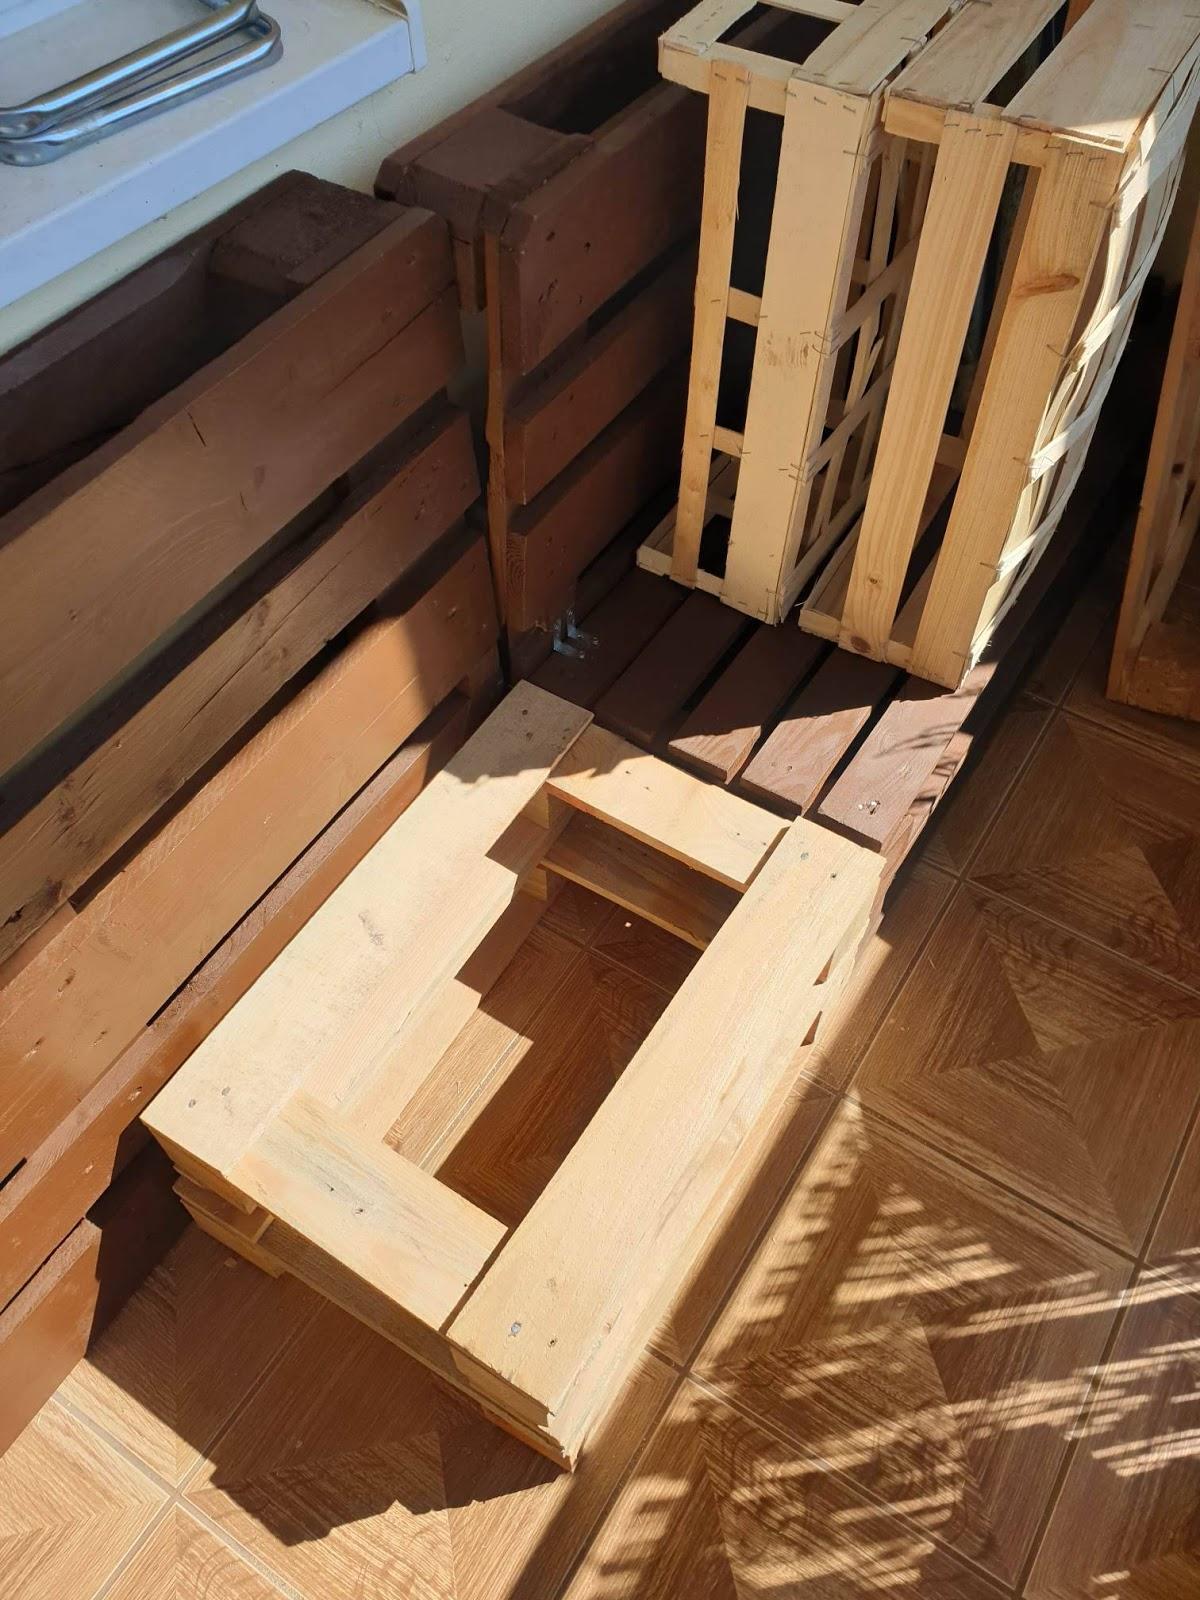 Pomysł Na Szycie Diy Na Balkonie Meble Z Palet I Poduszki